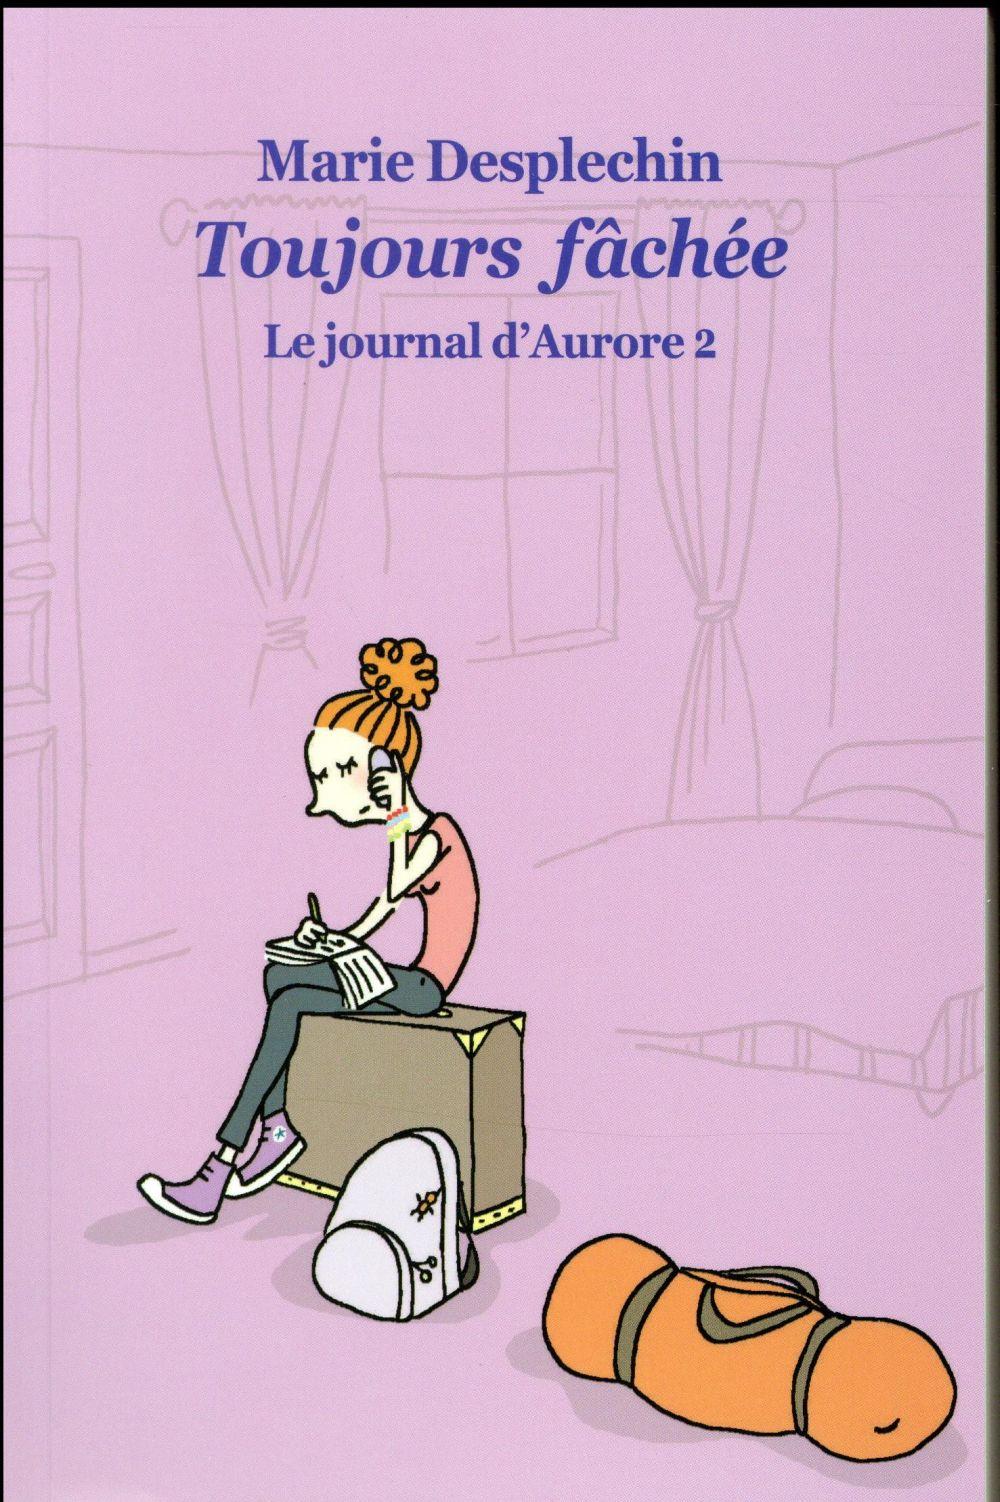 LE JOURNAL D AURORE 2 POCHE TOUJOURS FACHEE